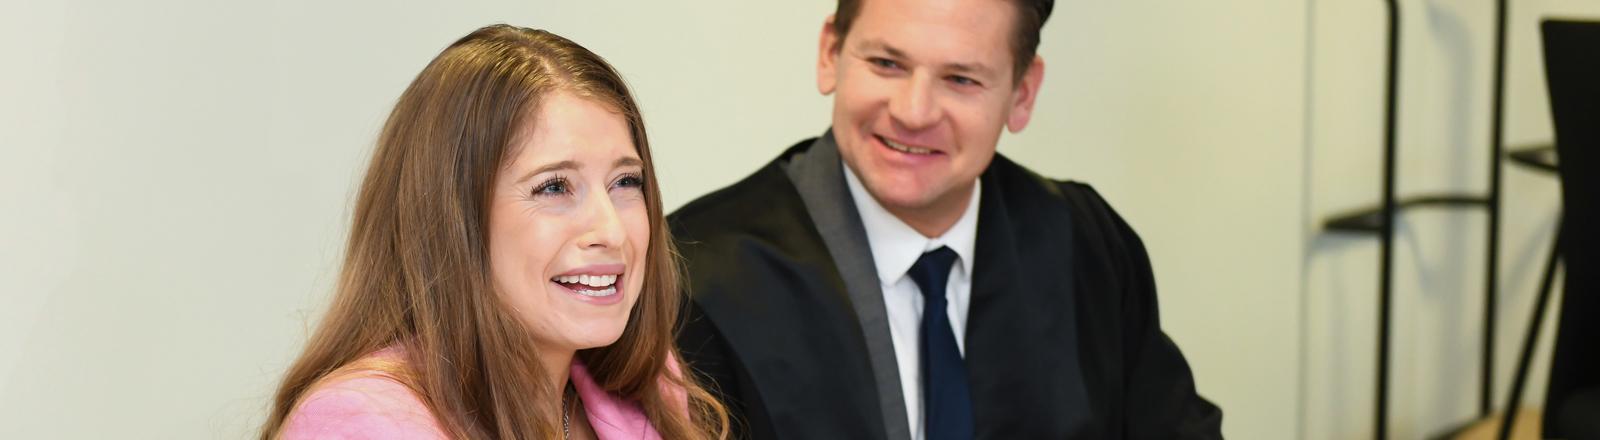 Cathy Hummels am 11.02.2019 vor dem Landgericht in München